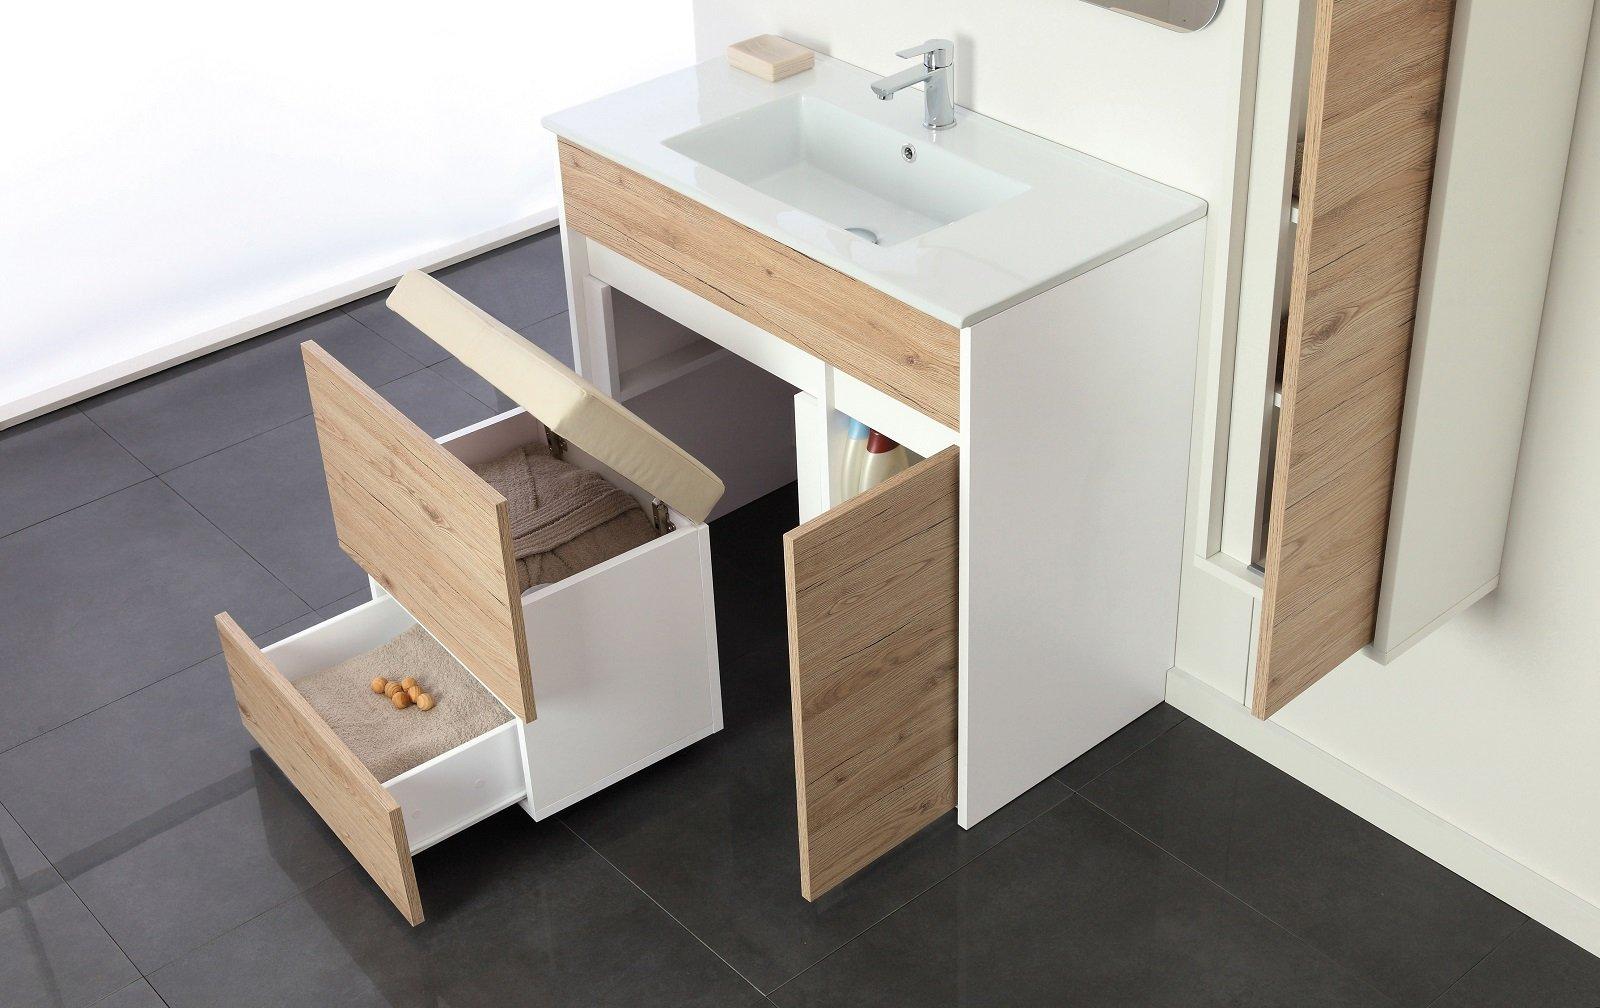 Soluzioni salvaspazio per il bagno per risparmiare centimetri